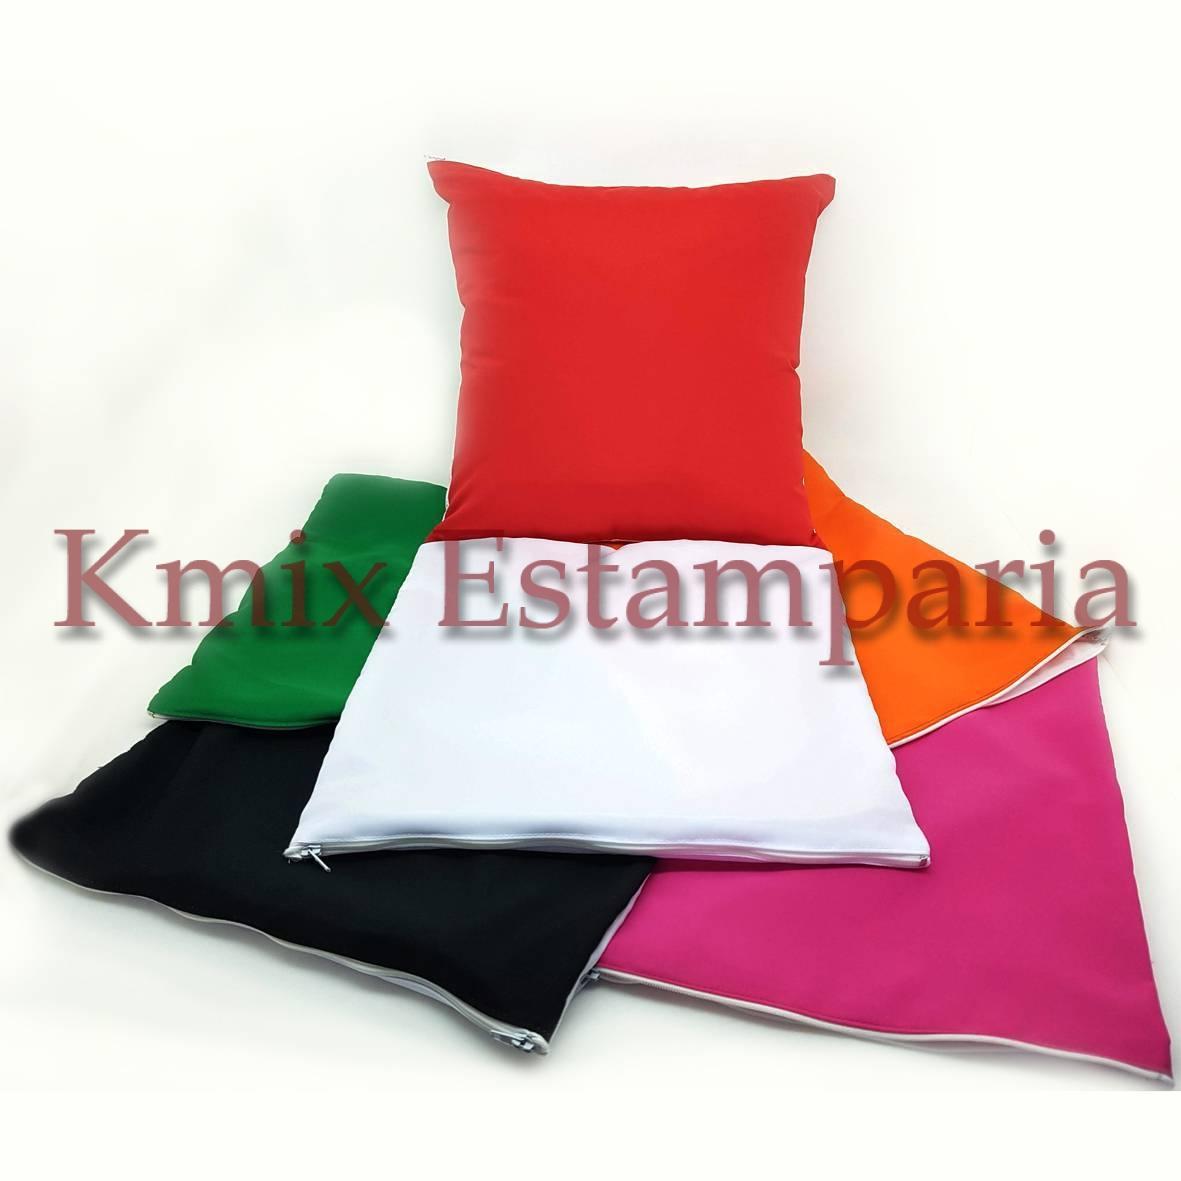 Capas 30x30 cm para sublimação com ziper (pedido minimo 10 peças)